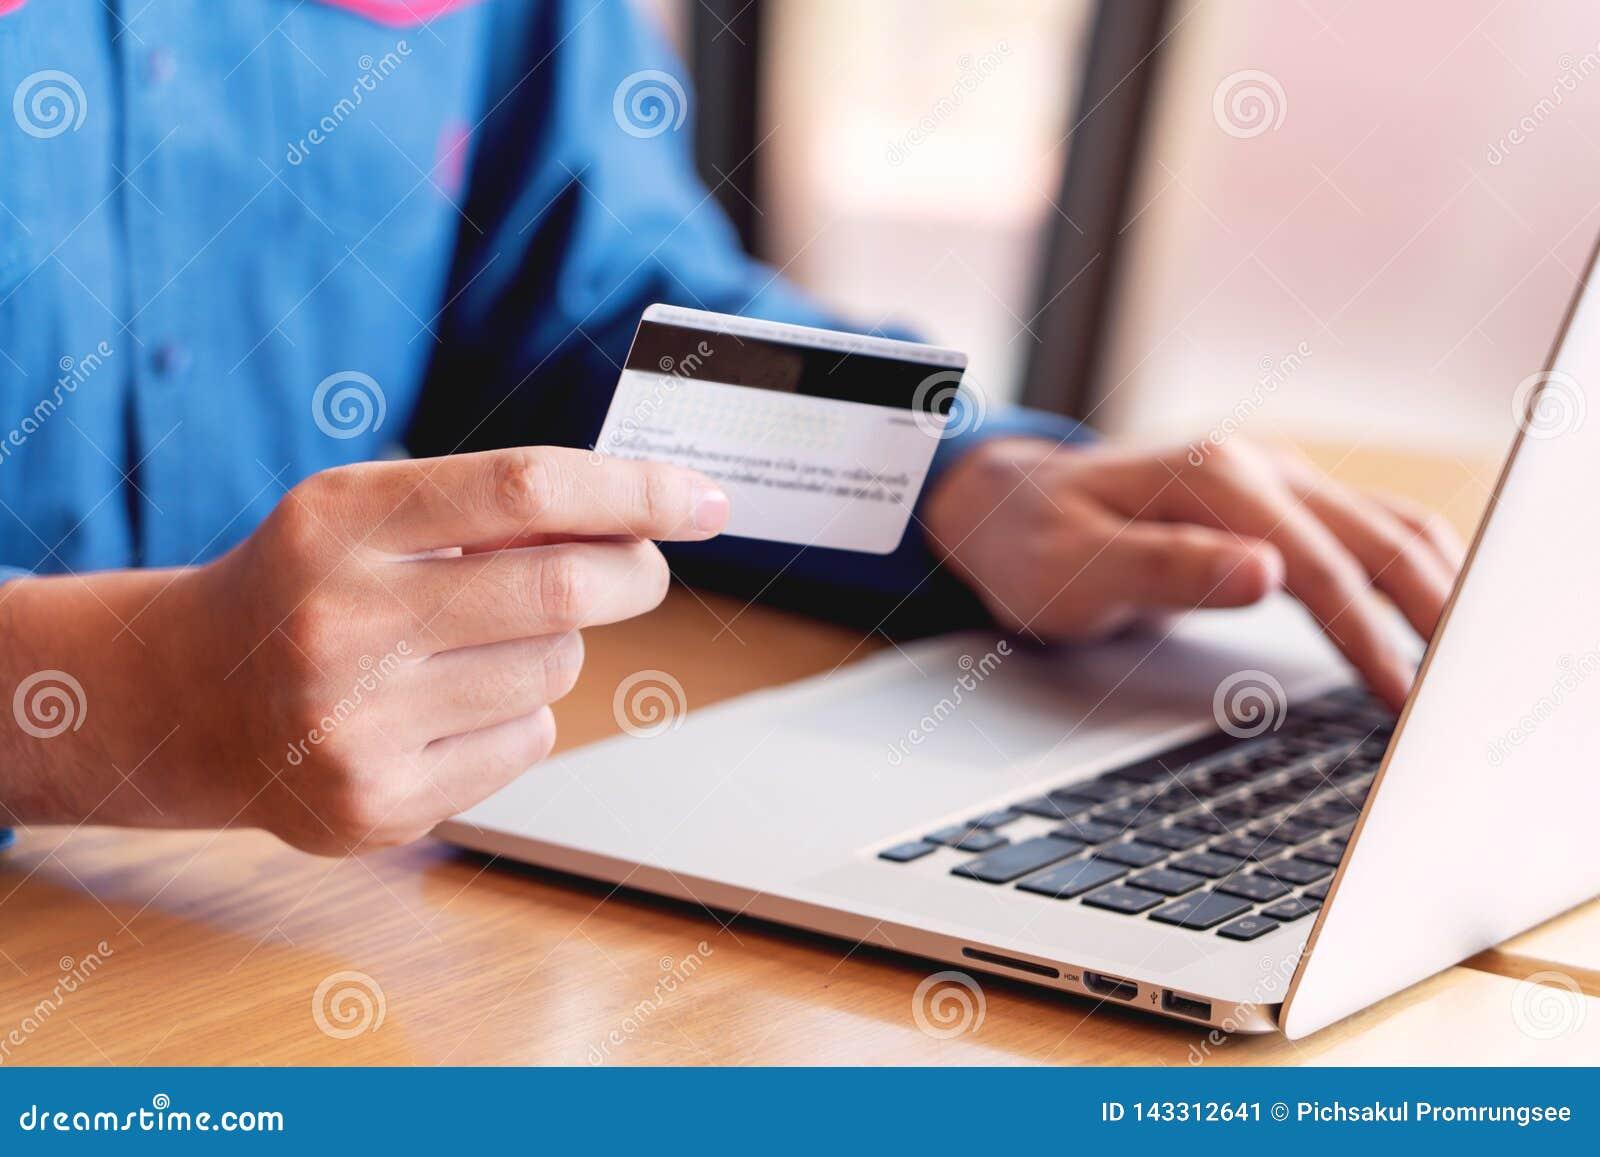 网络购物信用卡数据保密概念,递拿着信用卡和使用智能手机或膝上型计算机对购物或做